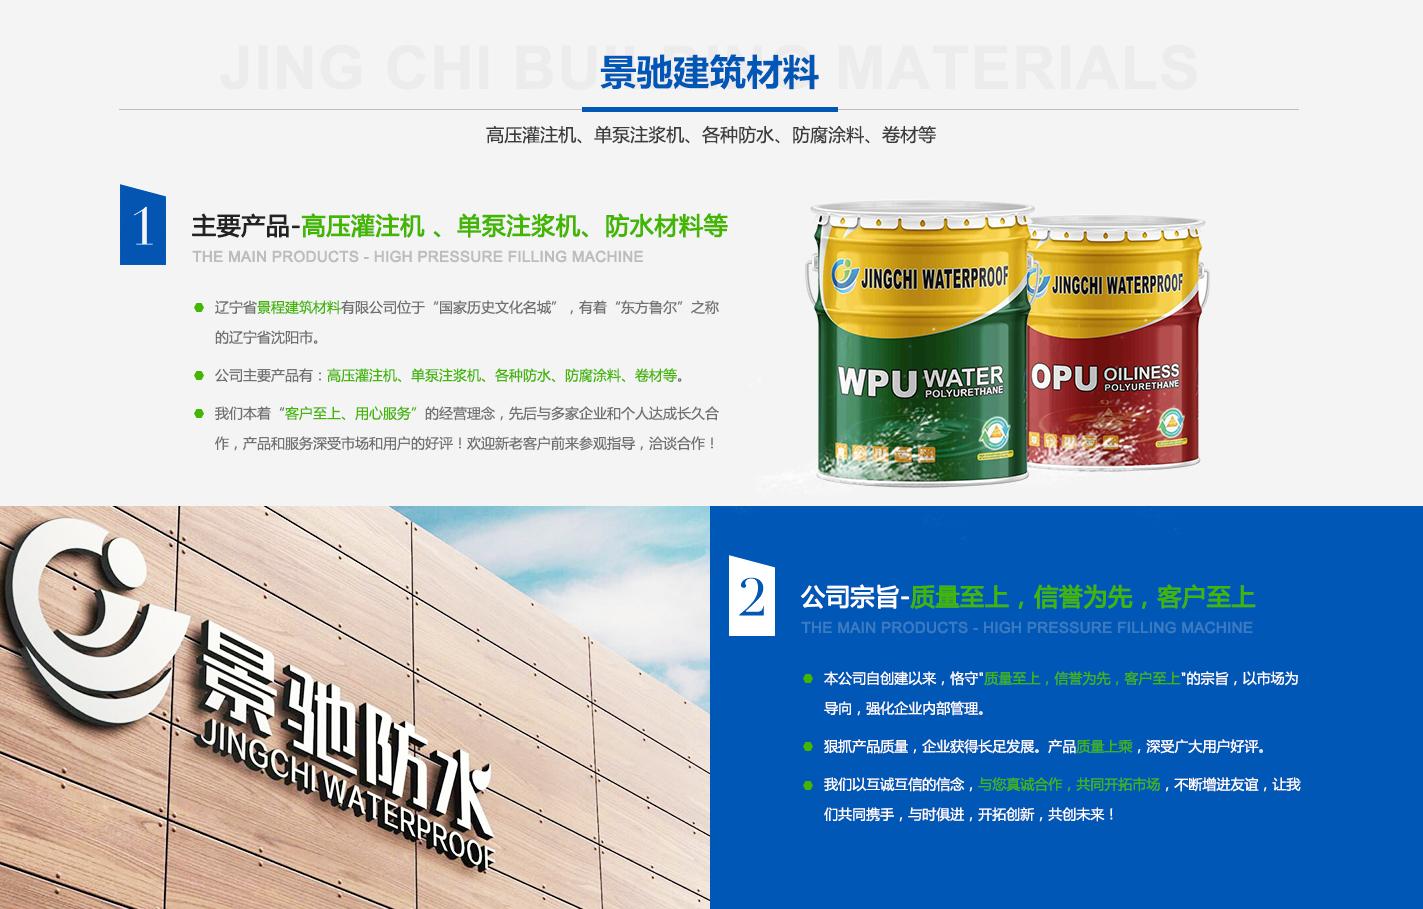 遼寧省景馳建筑材料有限公司